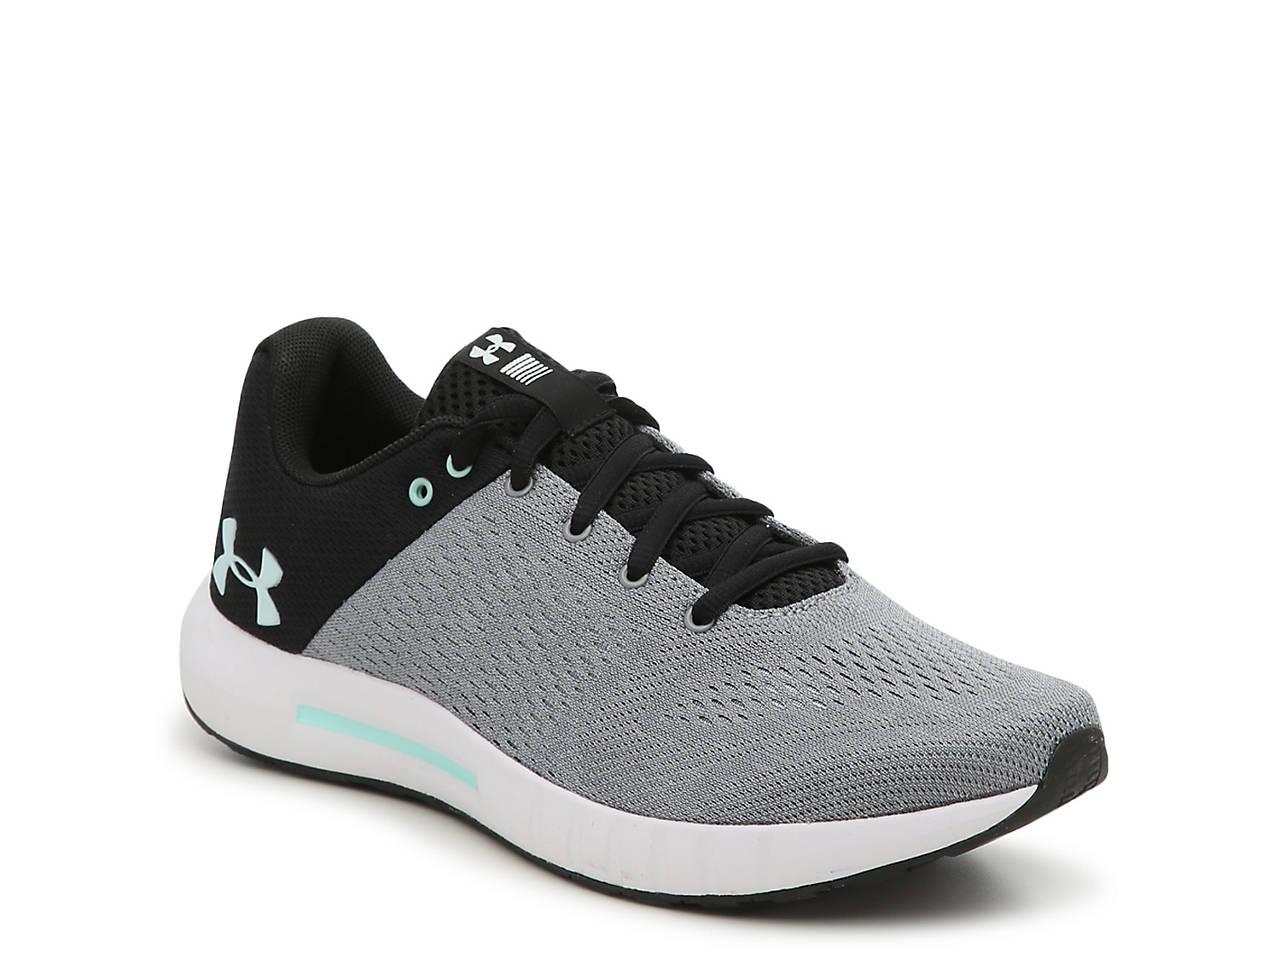 8efd6332a25b9 Micro G Pursuit Lightweight Running Shoe - Women's